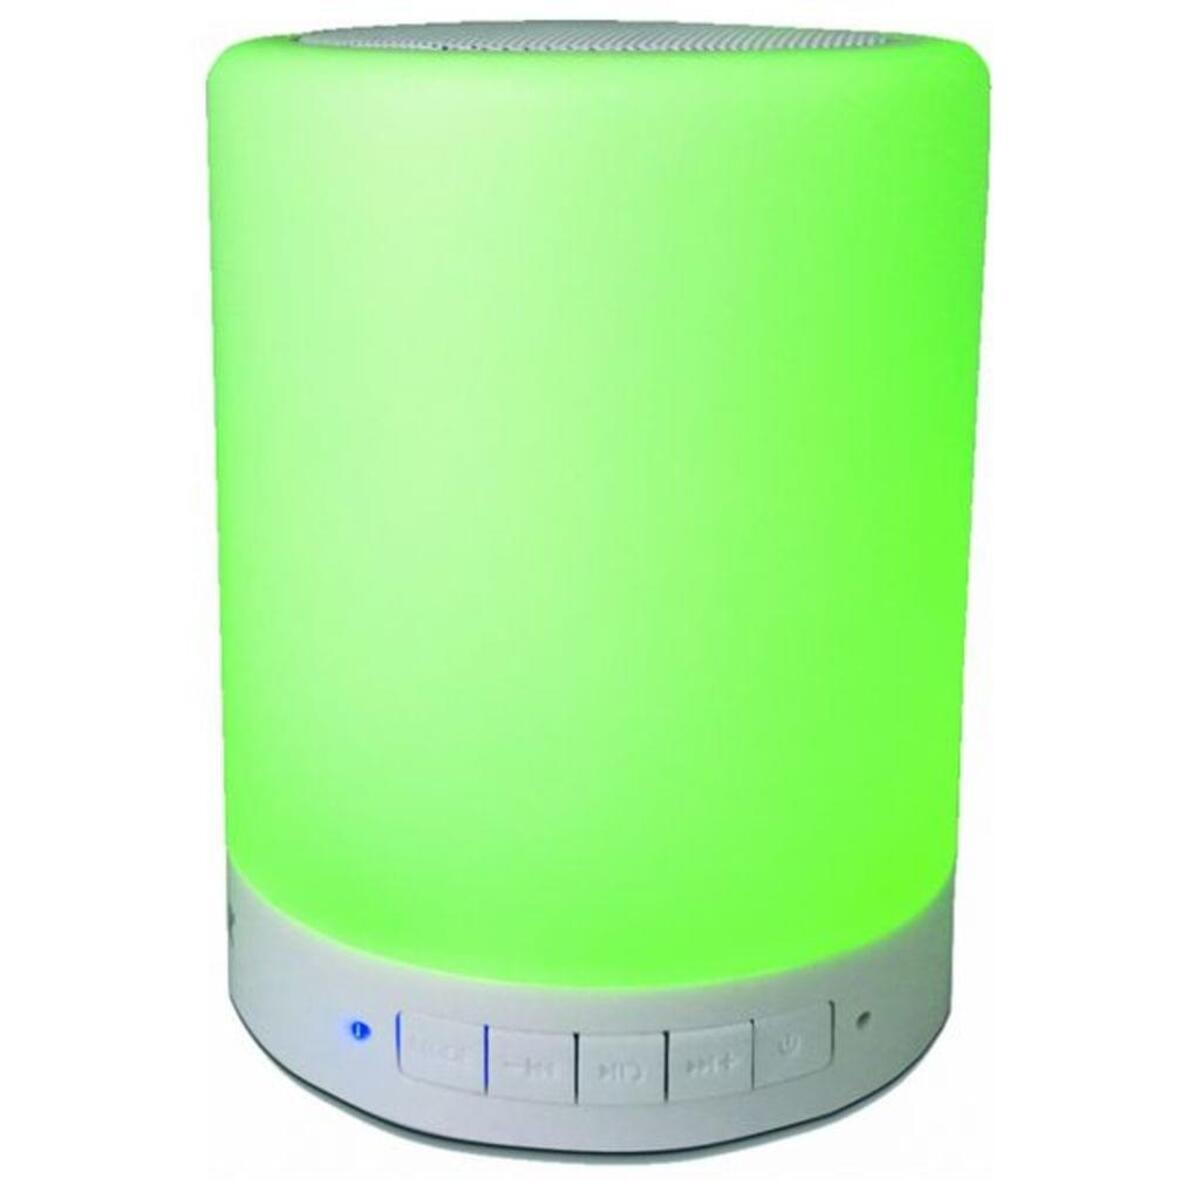 Bild 1 von Denver BTL-30, 3 W, Verkabelt & Kabellos, 10 m, Mono portable speaker, Weiß, Zylinder